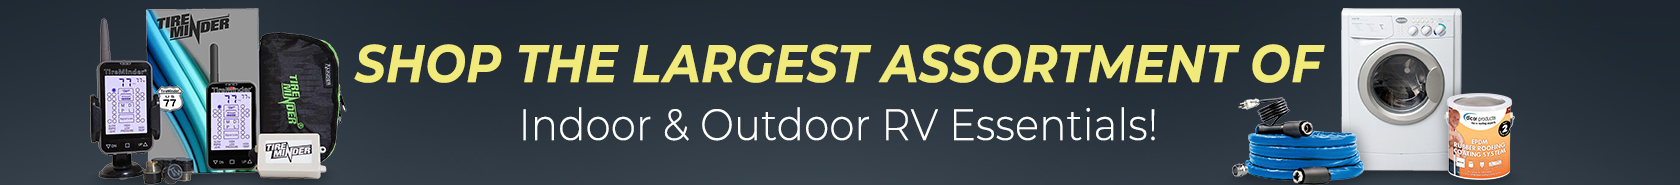 Shop the largest assort,emt of indoor & outdoor RV essentials